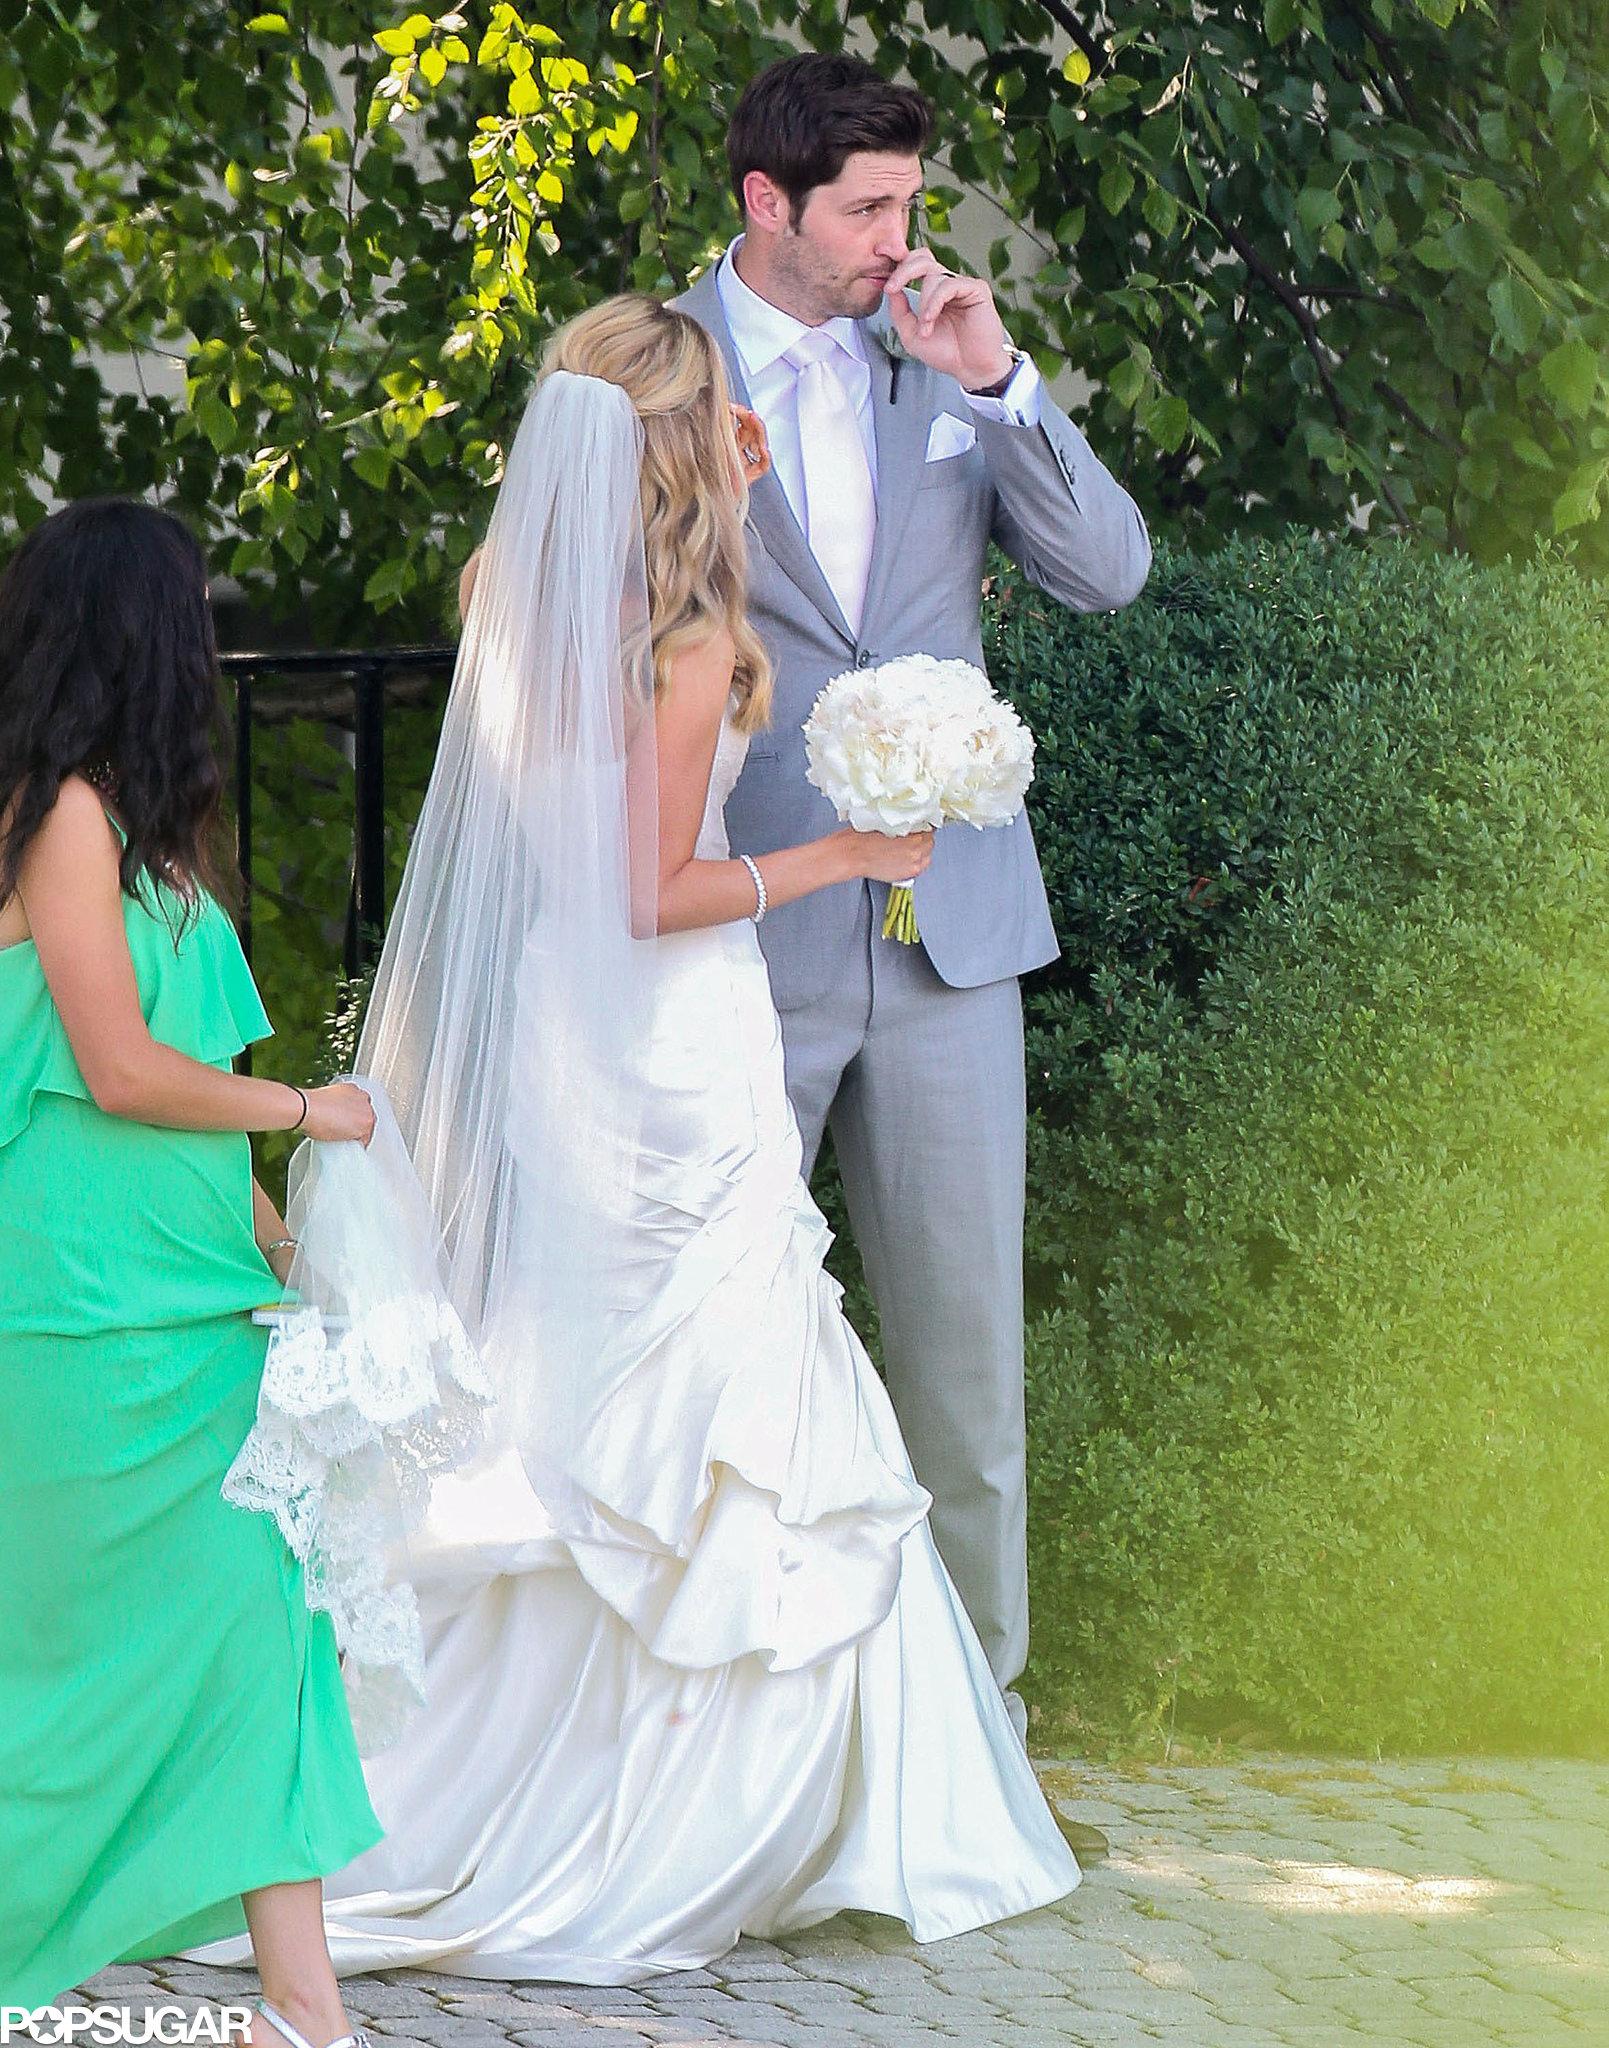 Kristin Cavallari couple